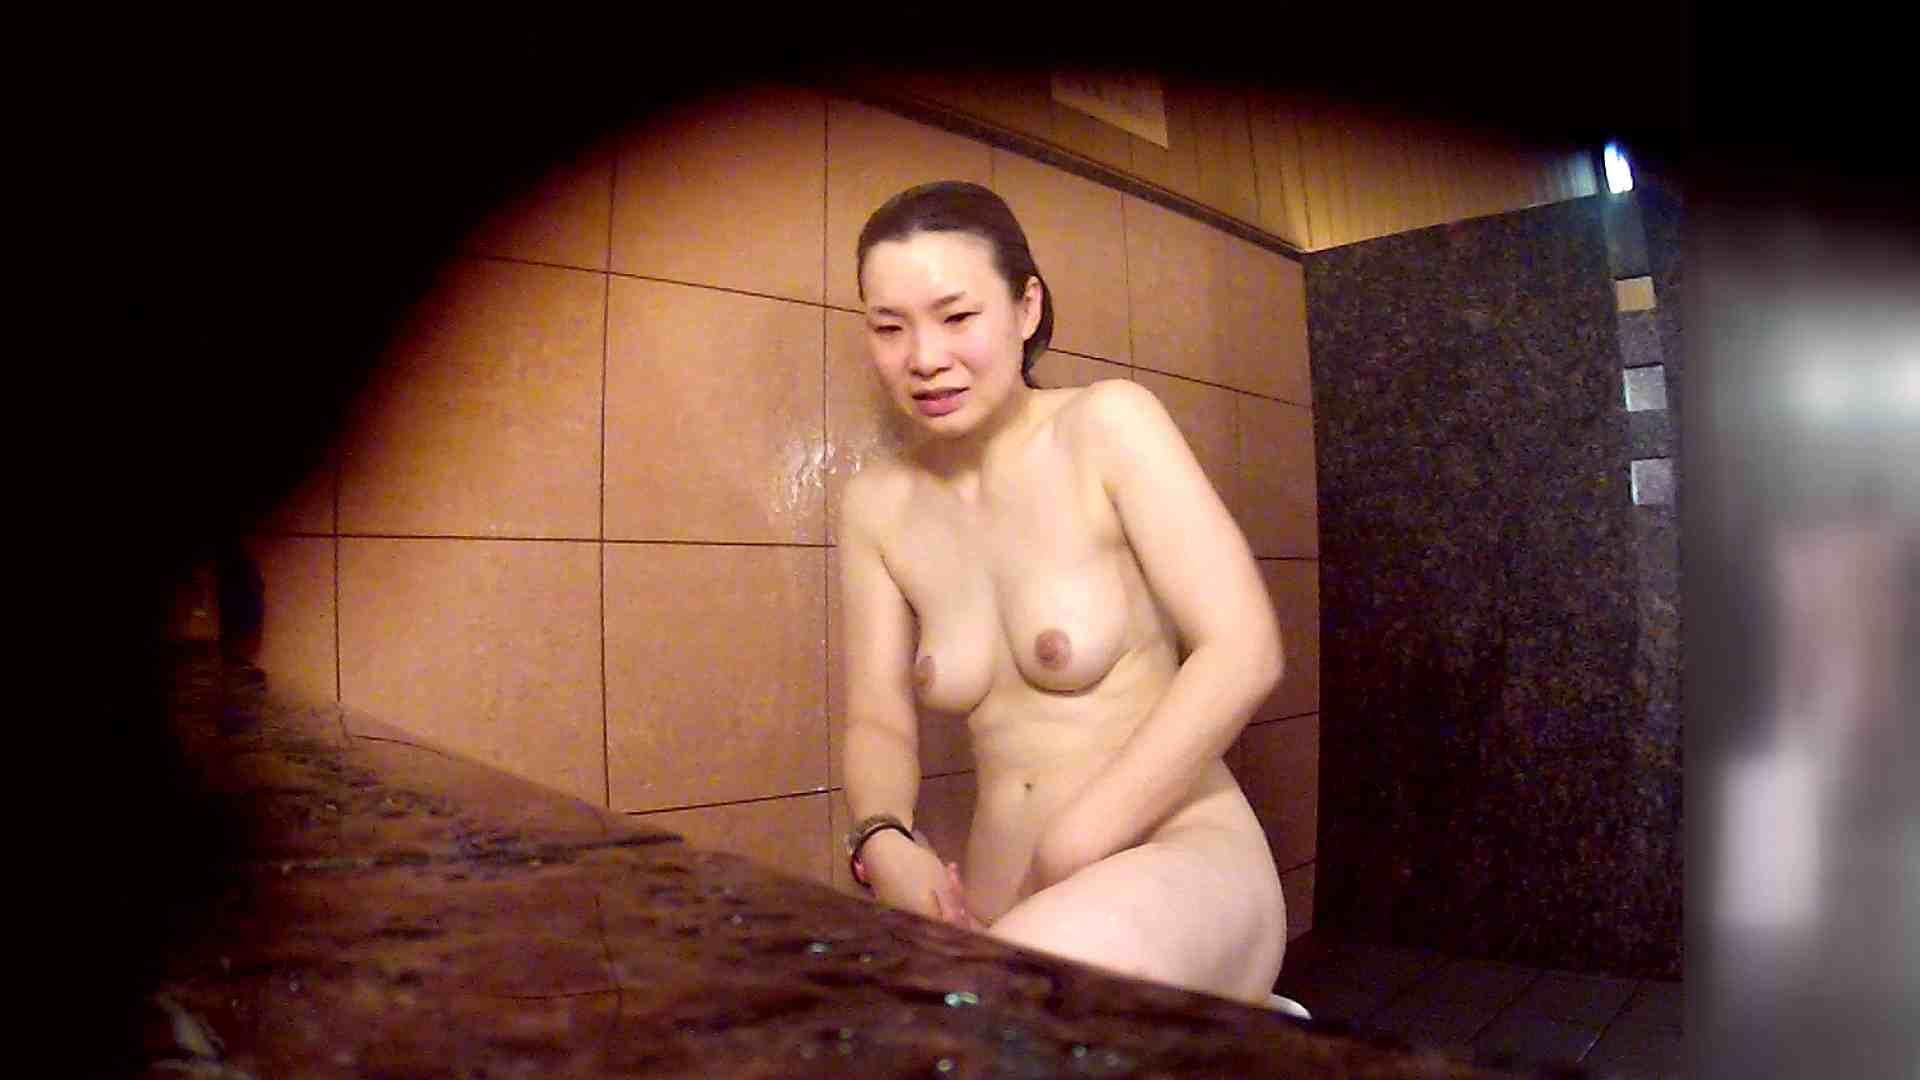 洗い場!マッスルお嬢さん!でもオッパイだけは柔らかそうです。 お姉さん攻略 すけべAV動画紹介 68画像 44